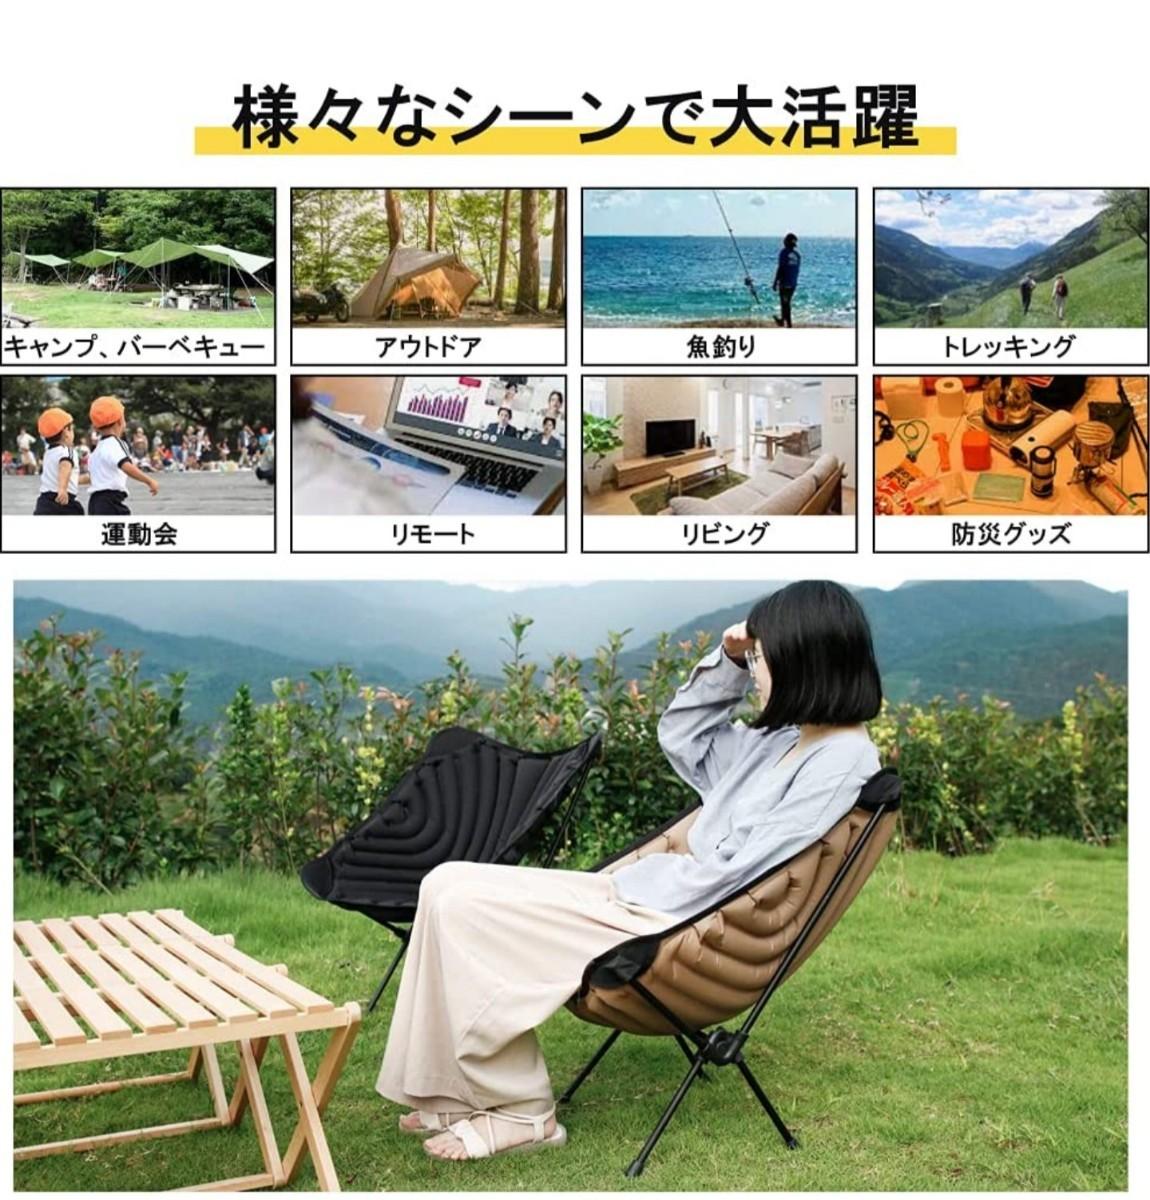 アウトドアチェア 防水 空気入れ式チェア エアー キャンプ椅子 ソロキャンプ Chair アウトドアチェア 折りたたみ チェア